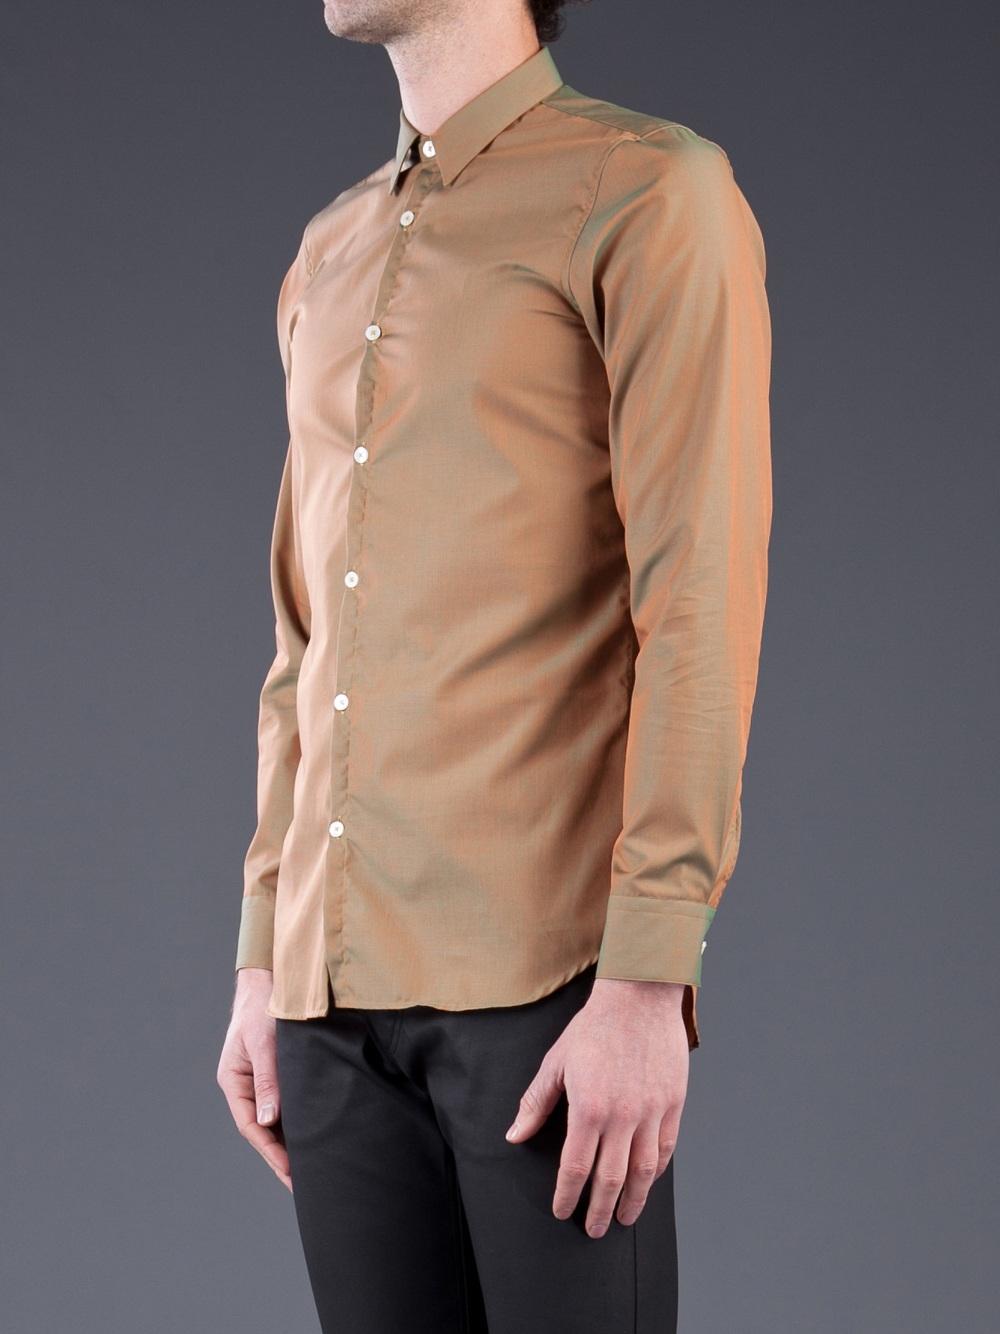 mens striped shirts calvin klein mens striped shirt male